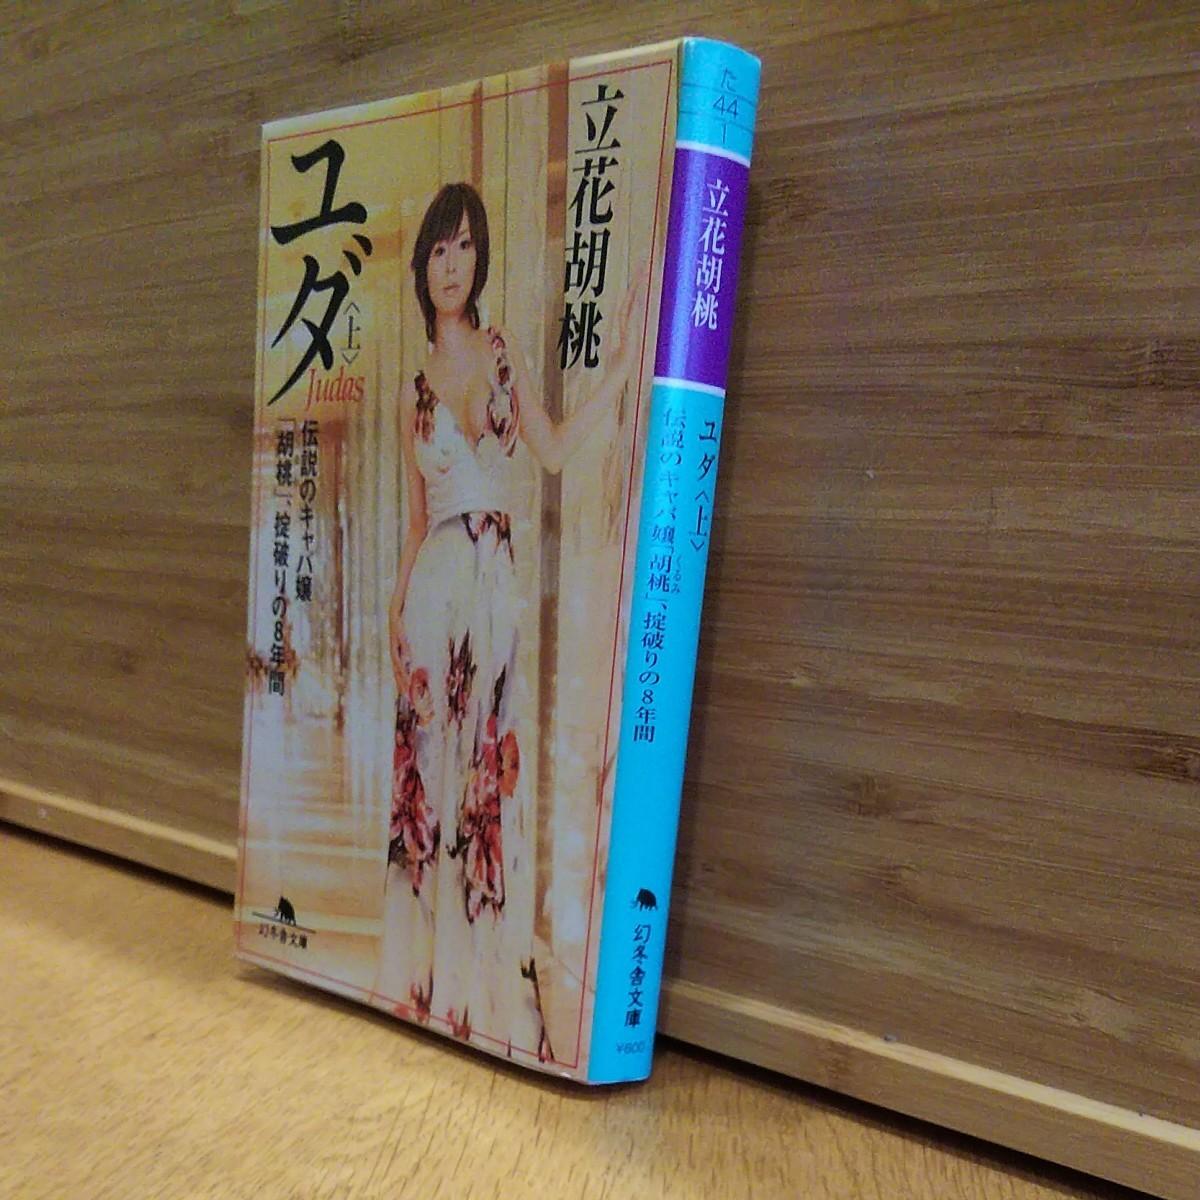 小説 文庫本 ユダ 上 立花胡桃